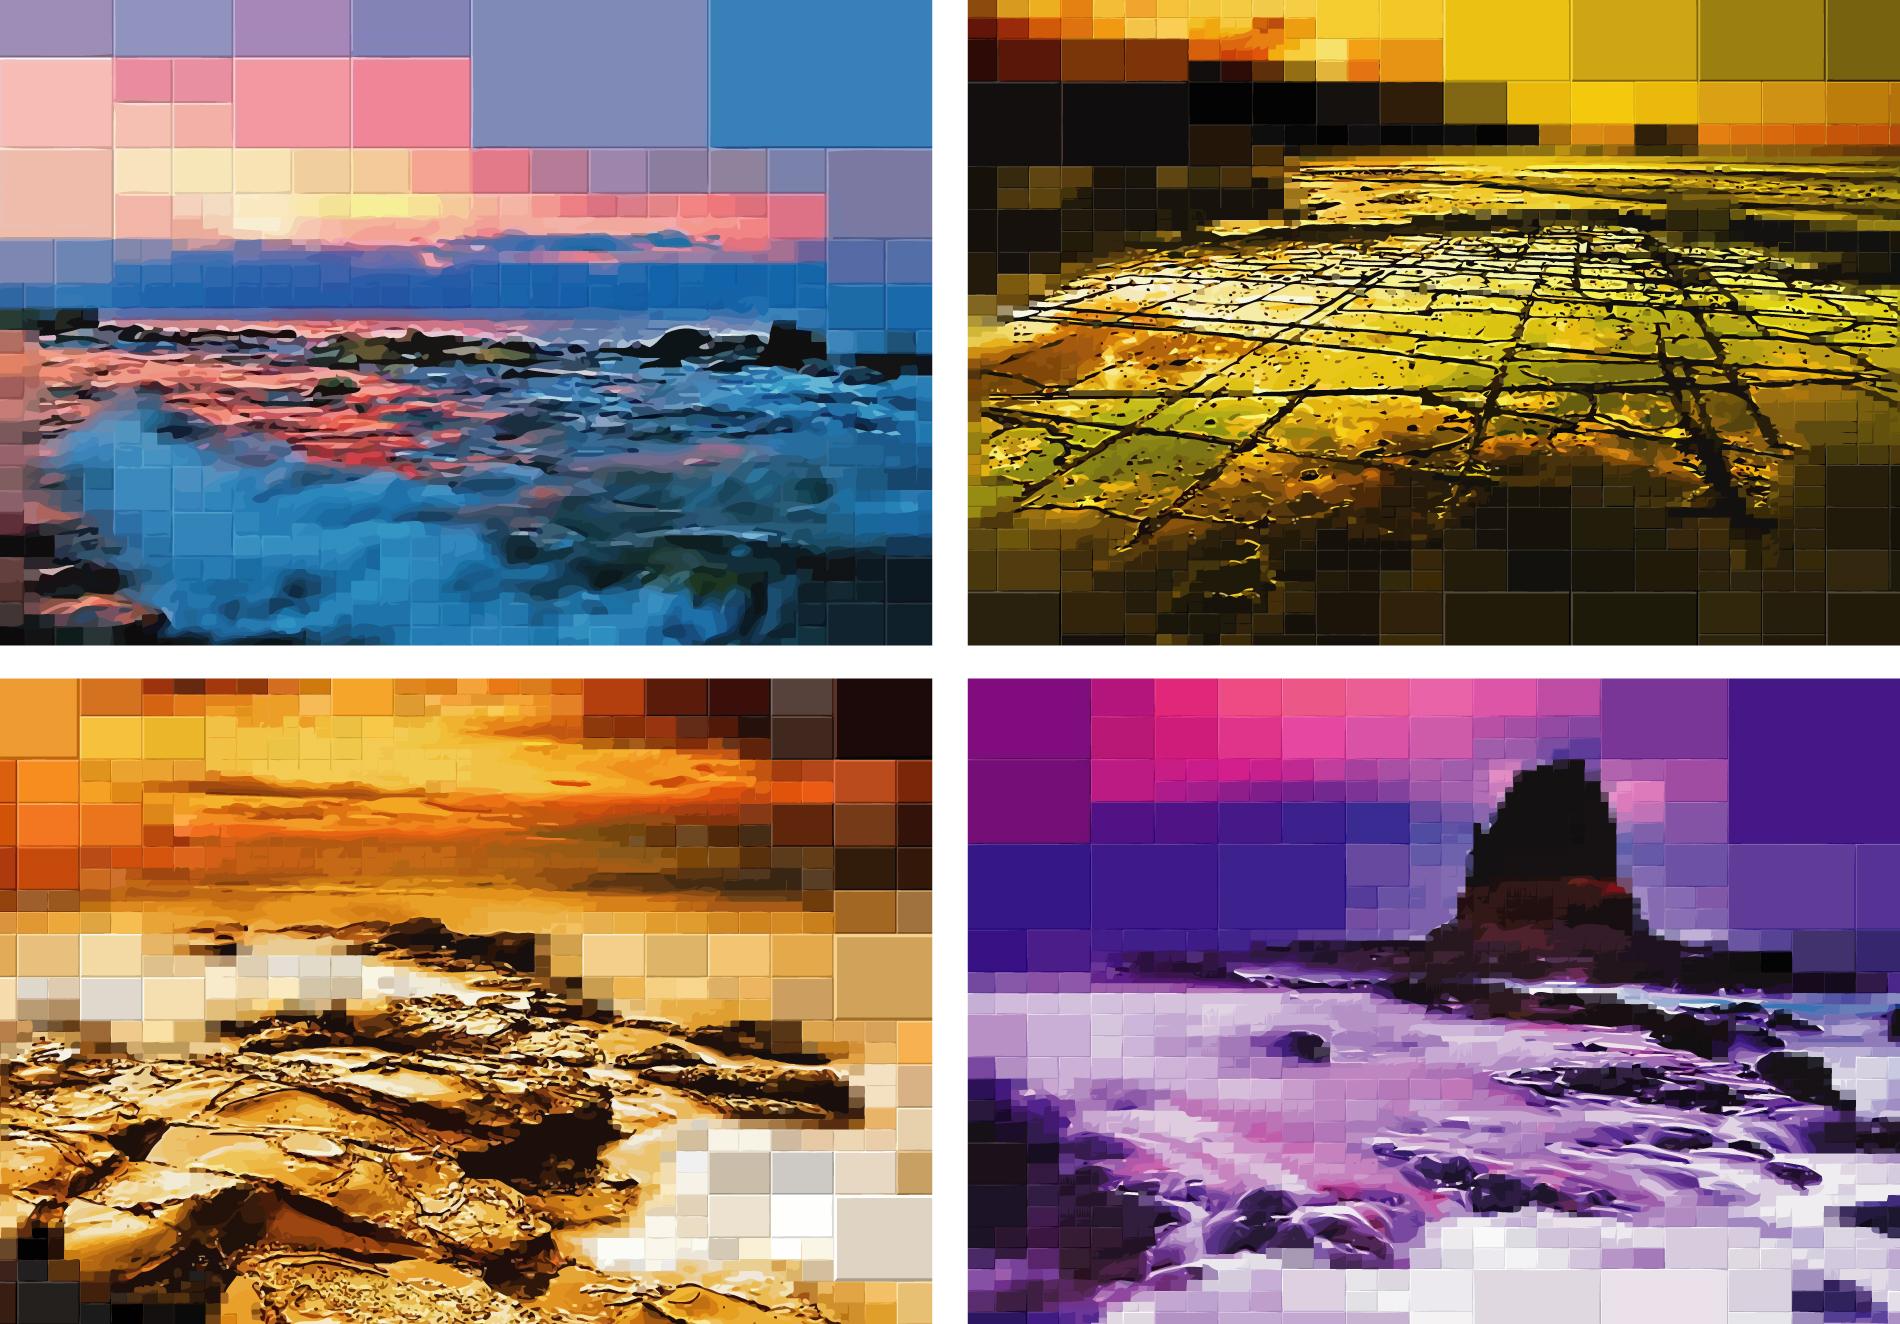 8-Bit Seascapes